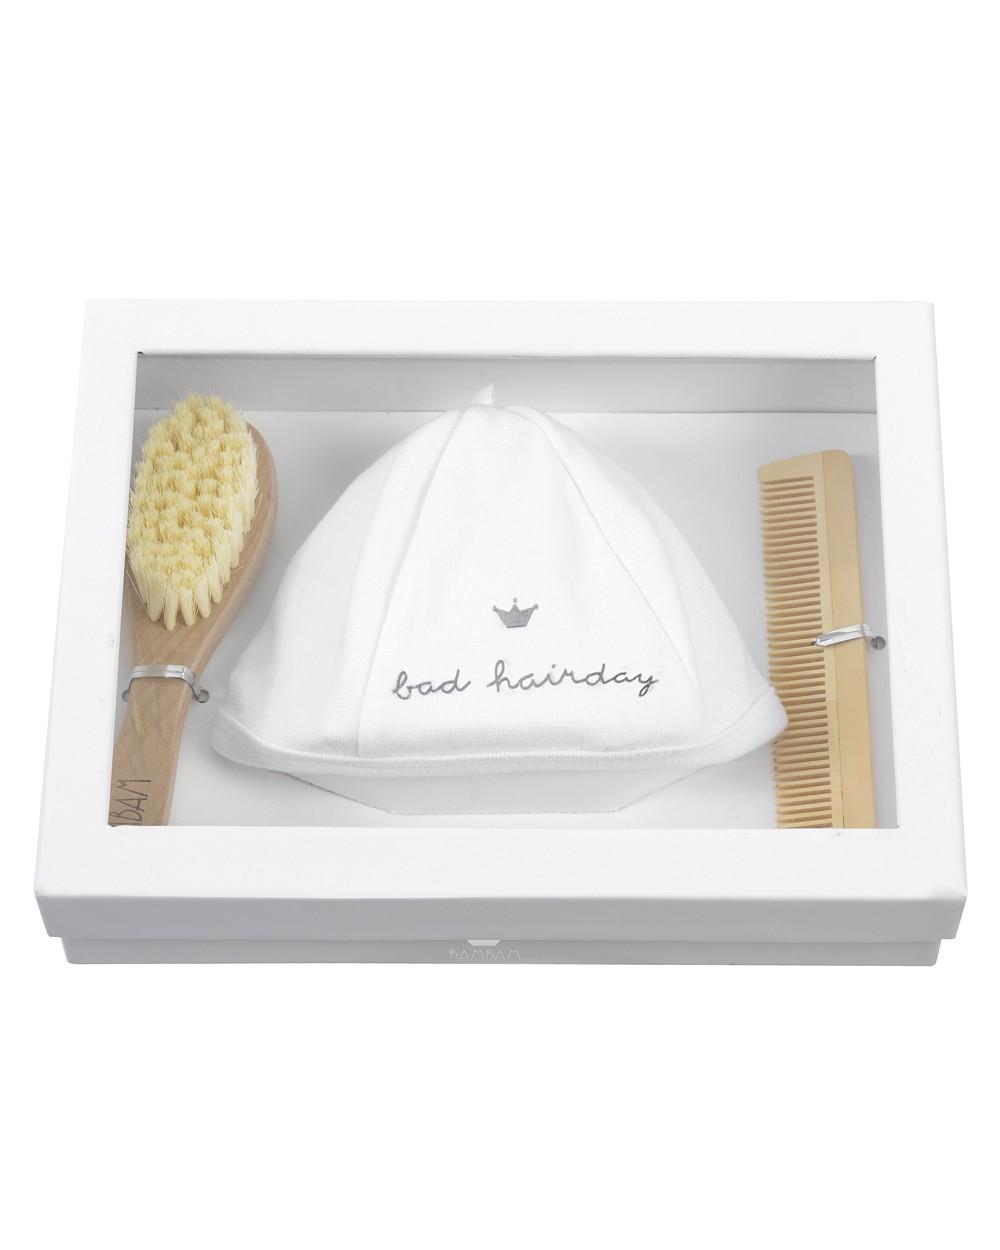 Bam Bam Bad Hair Day Gift Box